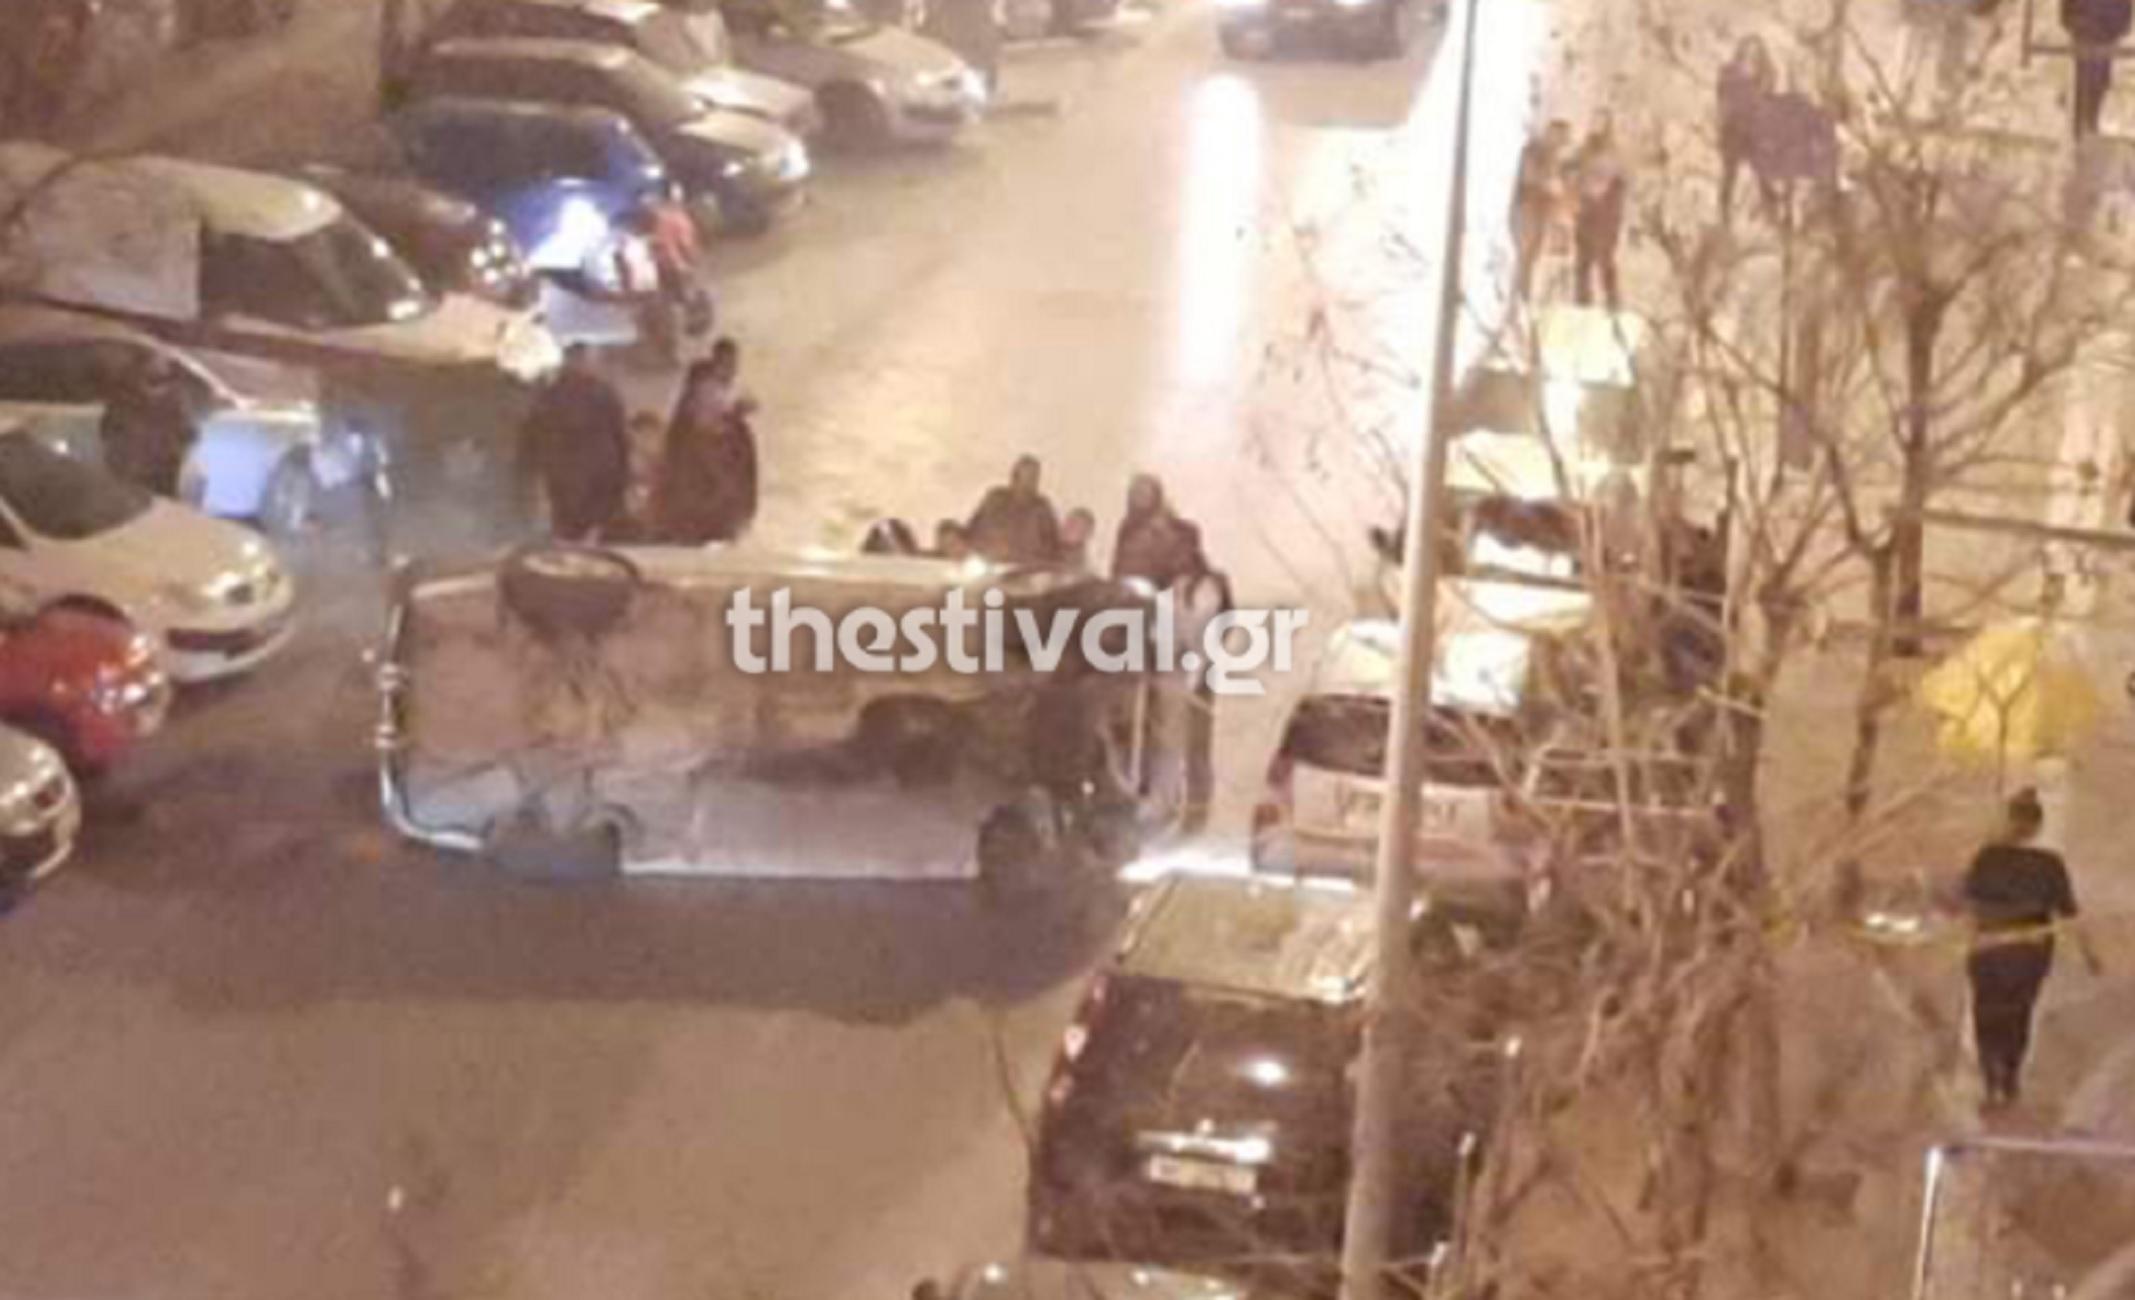 Θεσσαλονίκη: Απεγκλώβισαν γυναίκα από αυτό το αυτοκίνητο αλλά τη συνέχεια δεν την περίμενε κανείς (video)